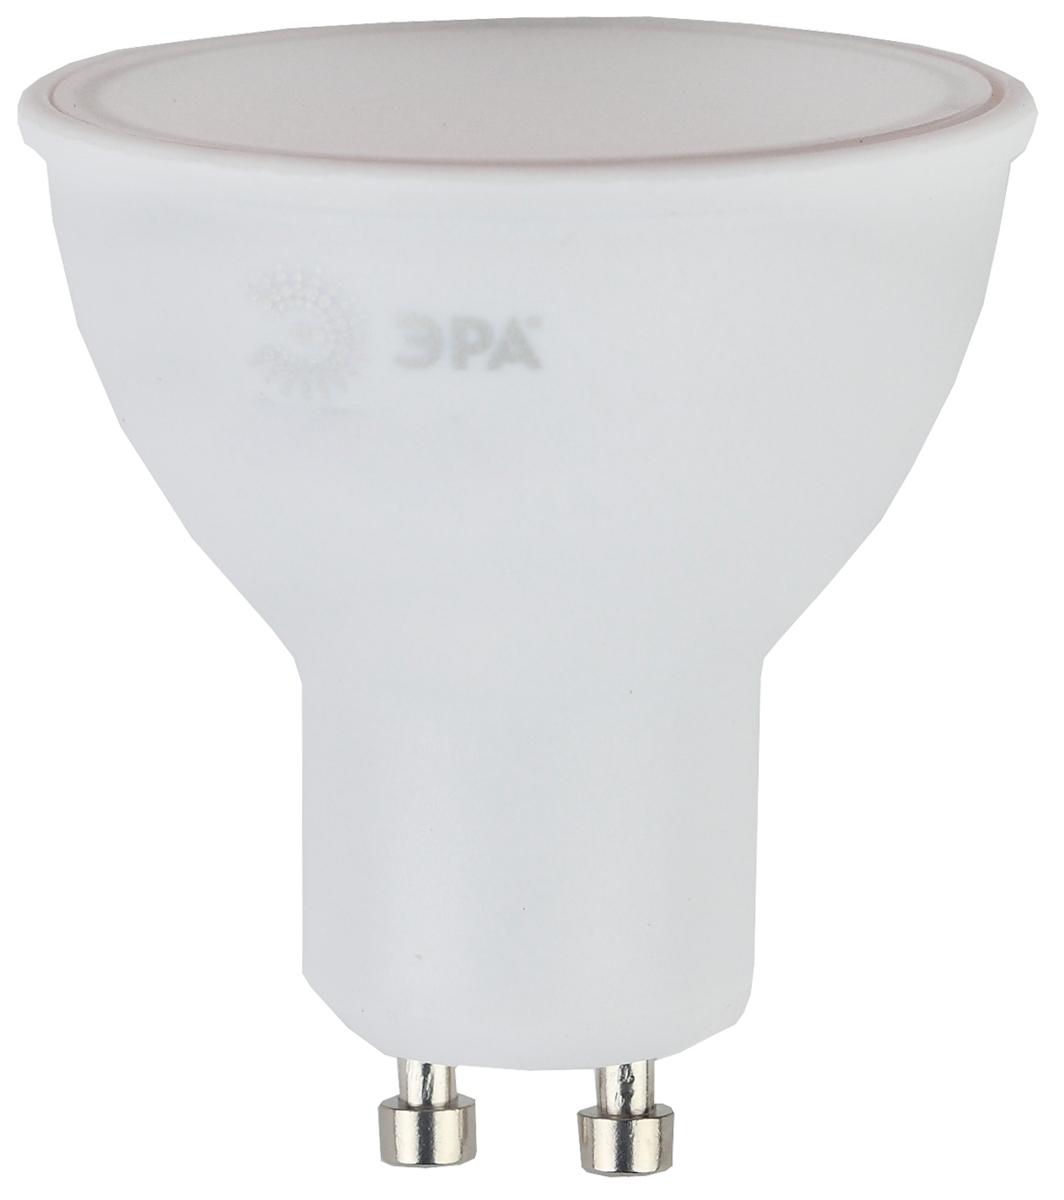 Лампа светодиодная ЭРА LED SMD MR16-6w-840-GU10, цоколь GU10, 6W, 4000K